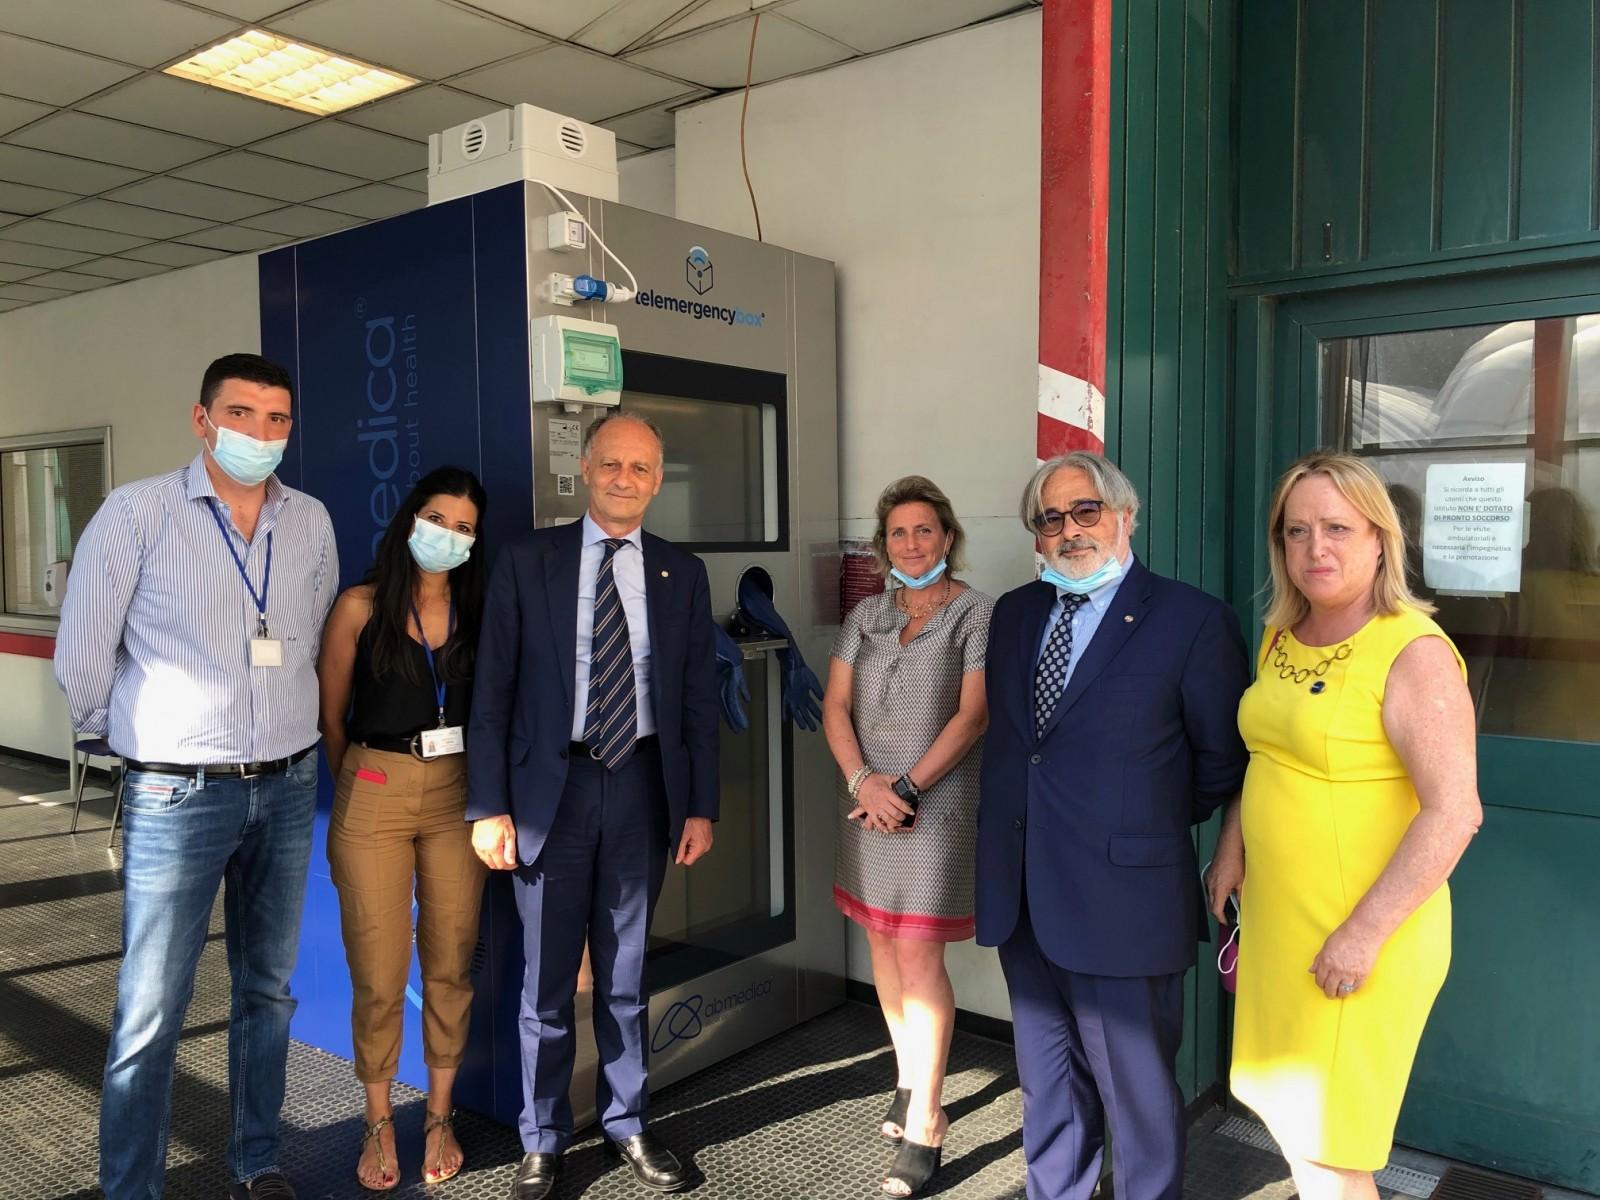 Gallery - Cerimonia di consegna delle apparecchiature sanitarie anti Covid-19